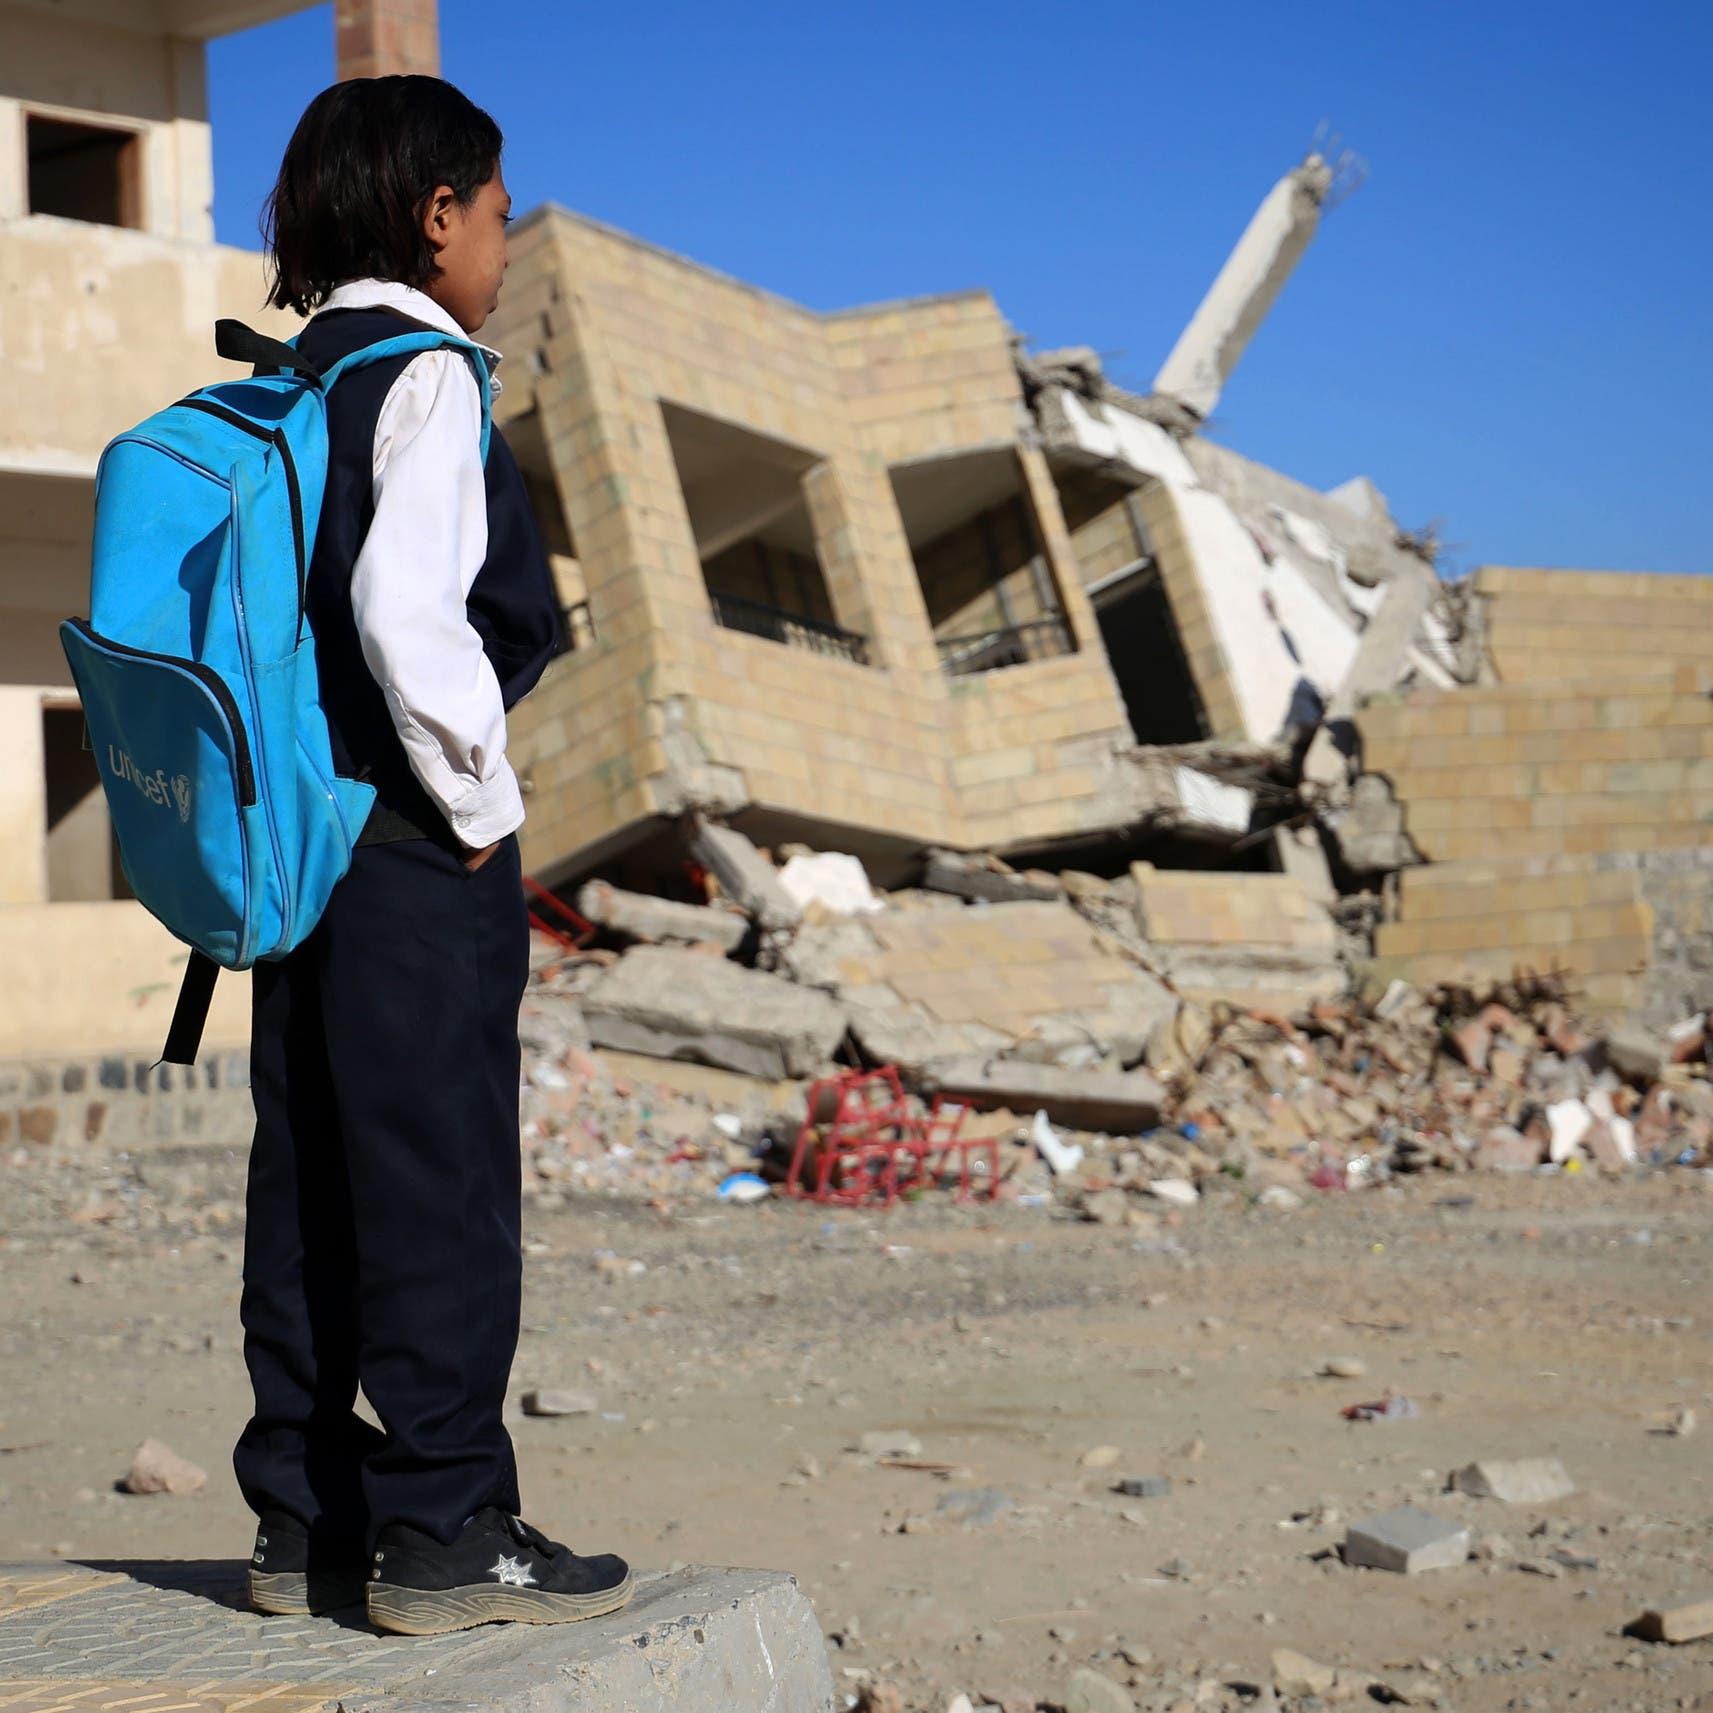 منذ انقلاب الحوثي.. 4.5 مليون يمني حرموا من التعليم